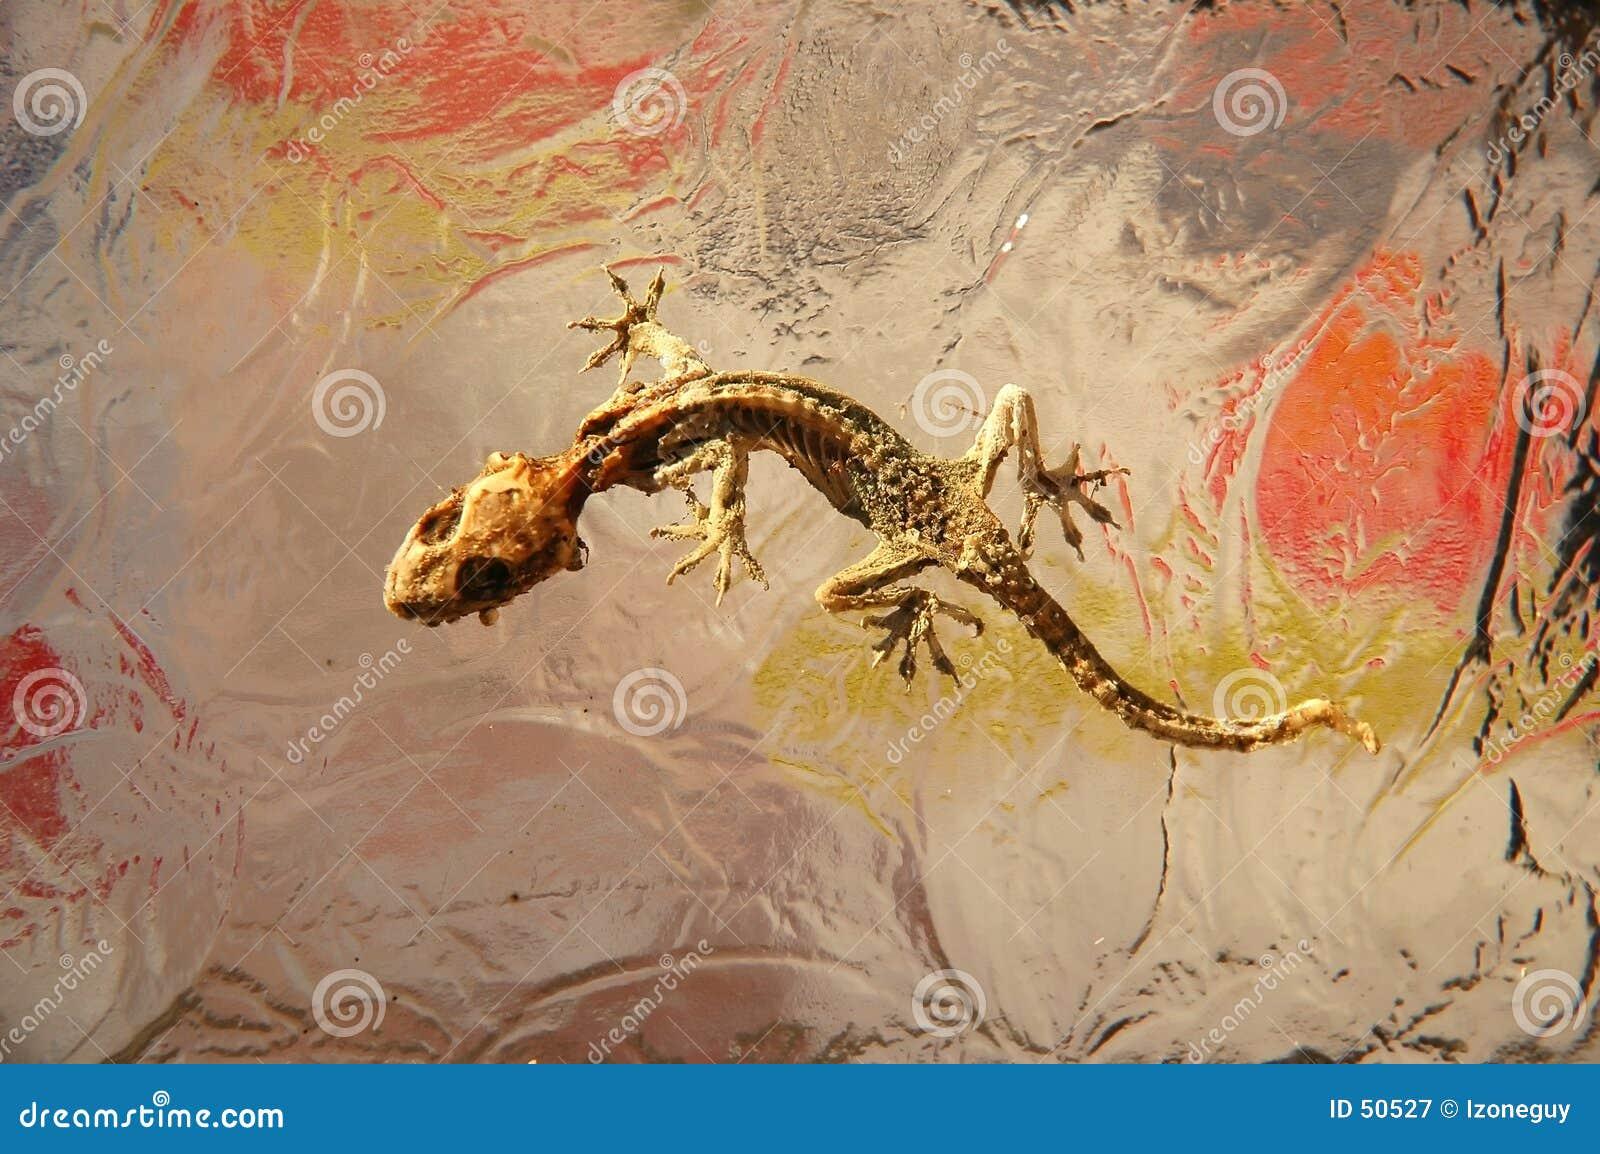 Dried Lizard on glass